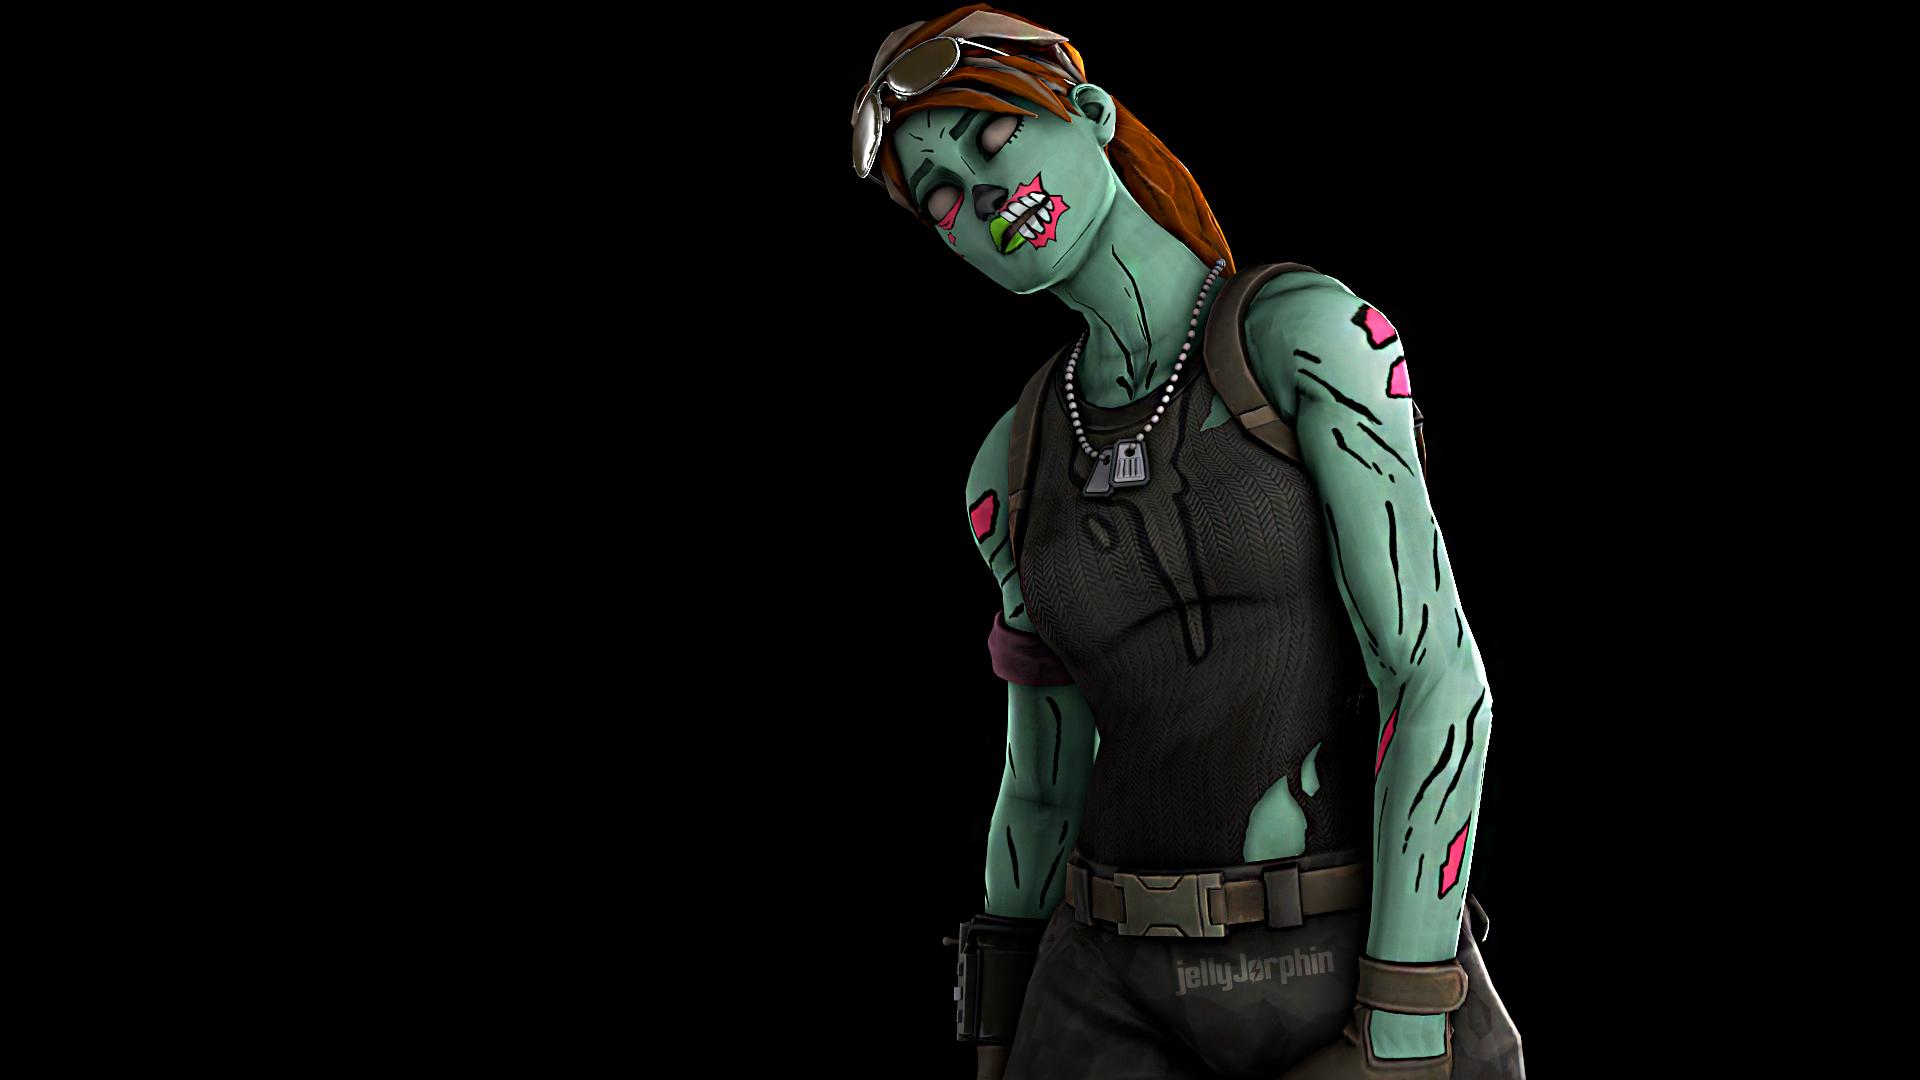 Ghoul Trooper By Jellyjorphin On Deviantart